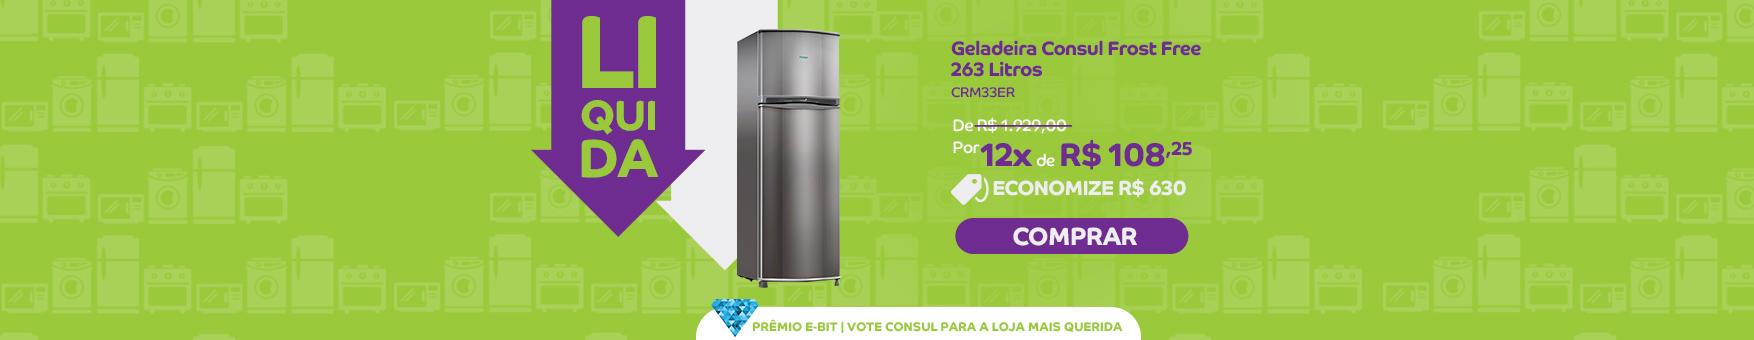 Promoção Interna - 99 - liquida_crm33er_home_29062015 - crm33er - 1